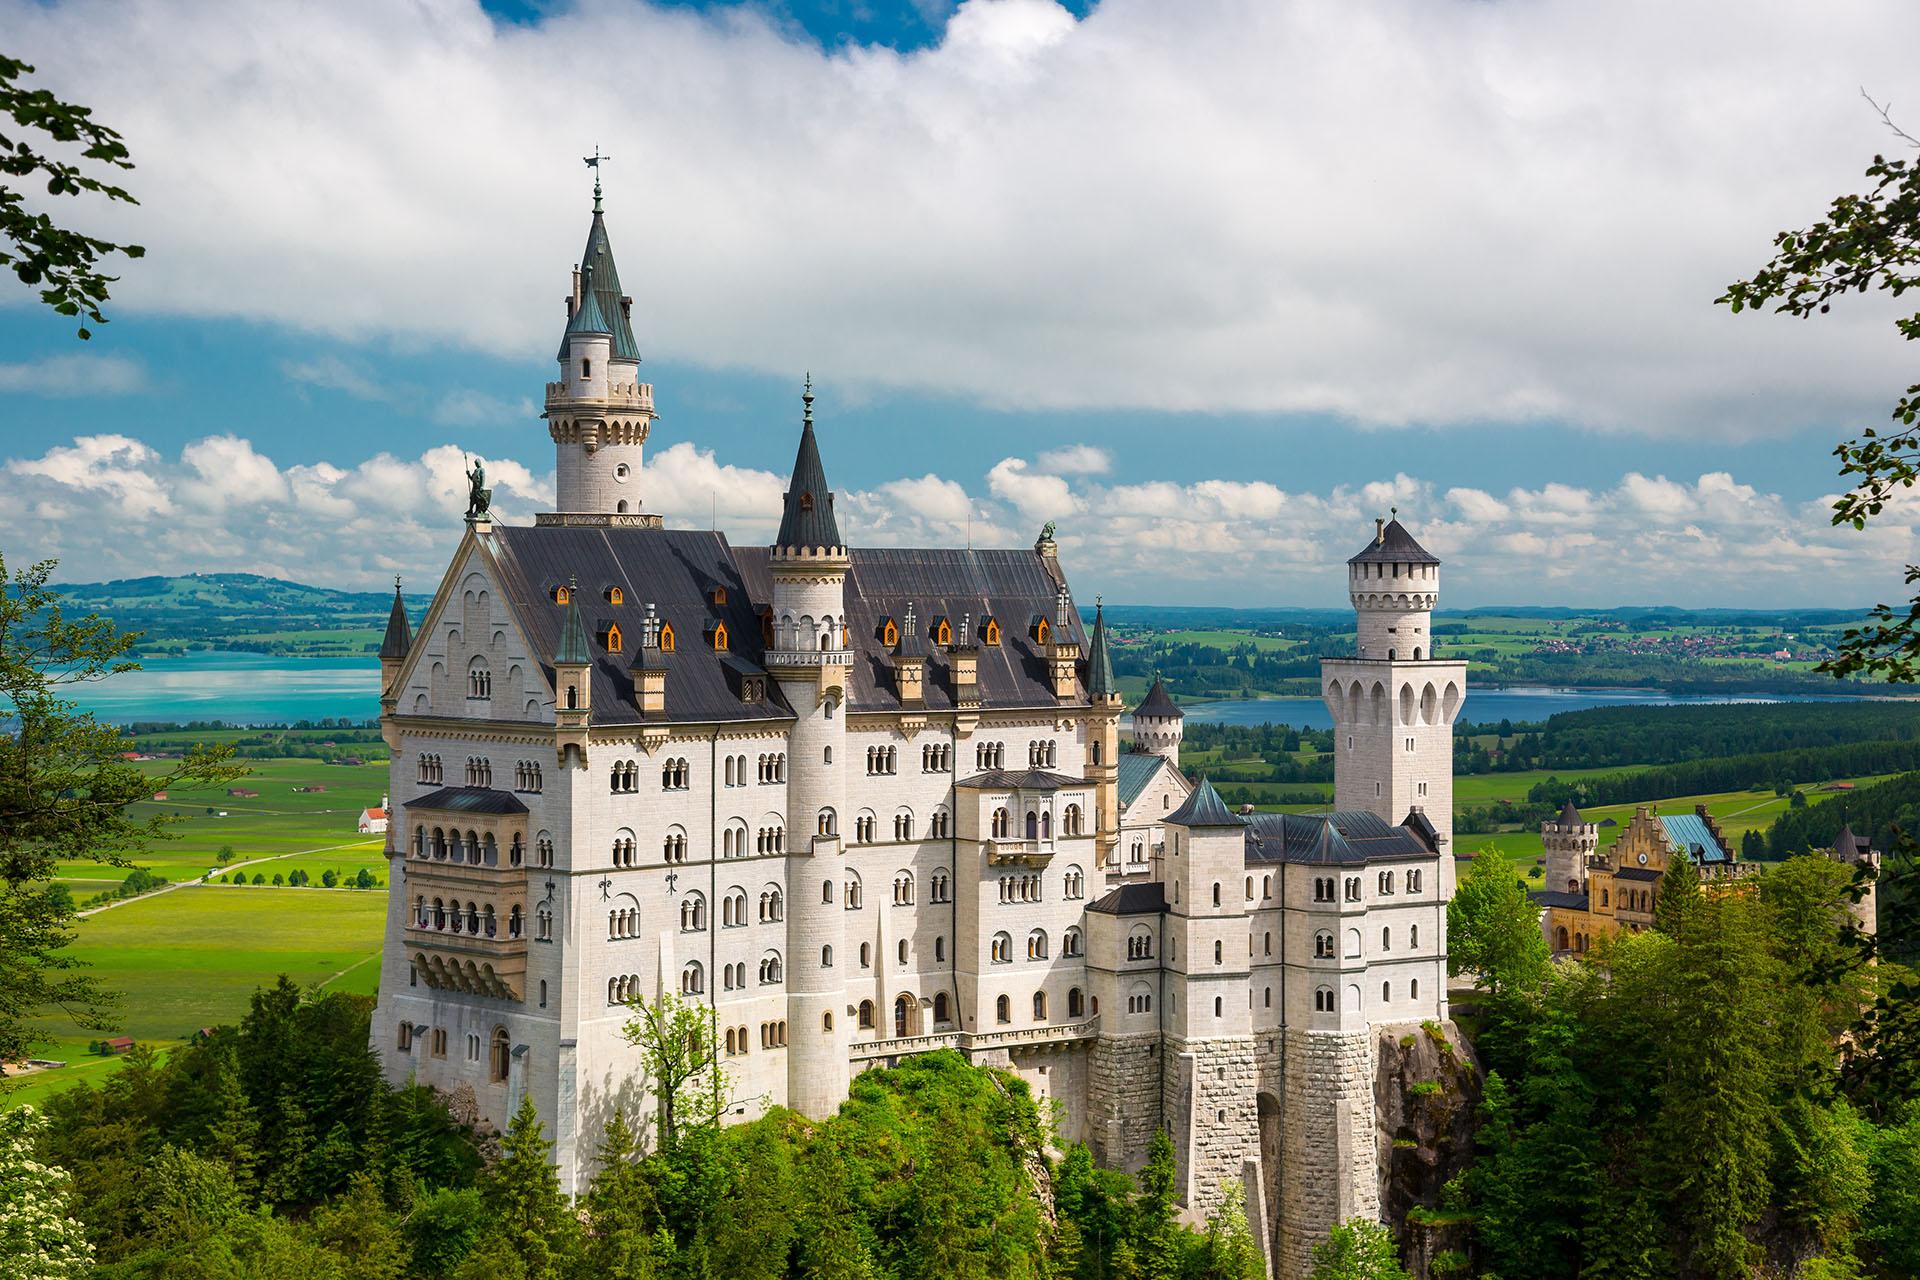 Nacido bajo el encargo de El Rey Loco en una época en la que castillos y fortalezas ya no eran necesarios, el Castillo de Neuschwanstein es una construcción de ensueño rodeada por un hermoso paisaje